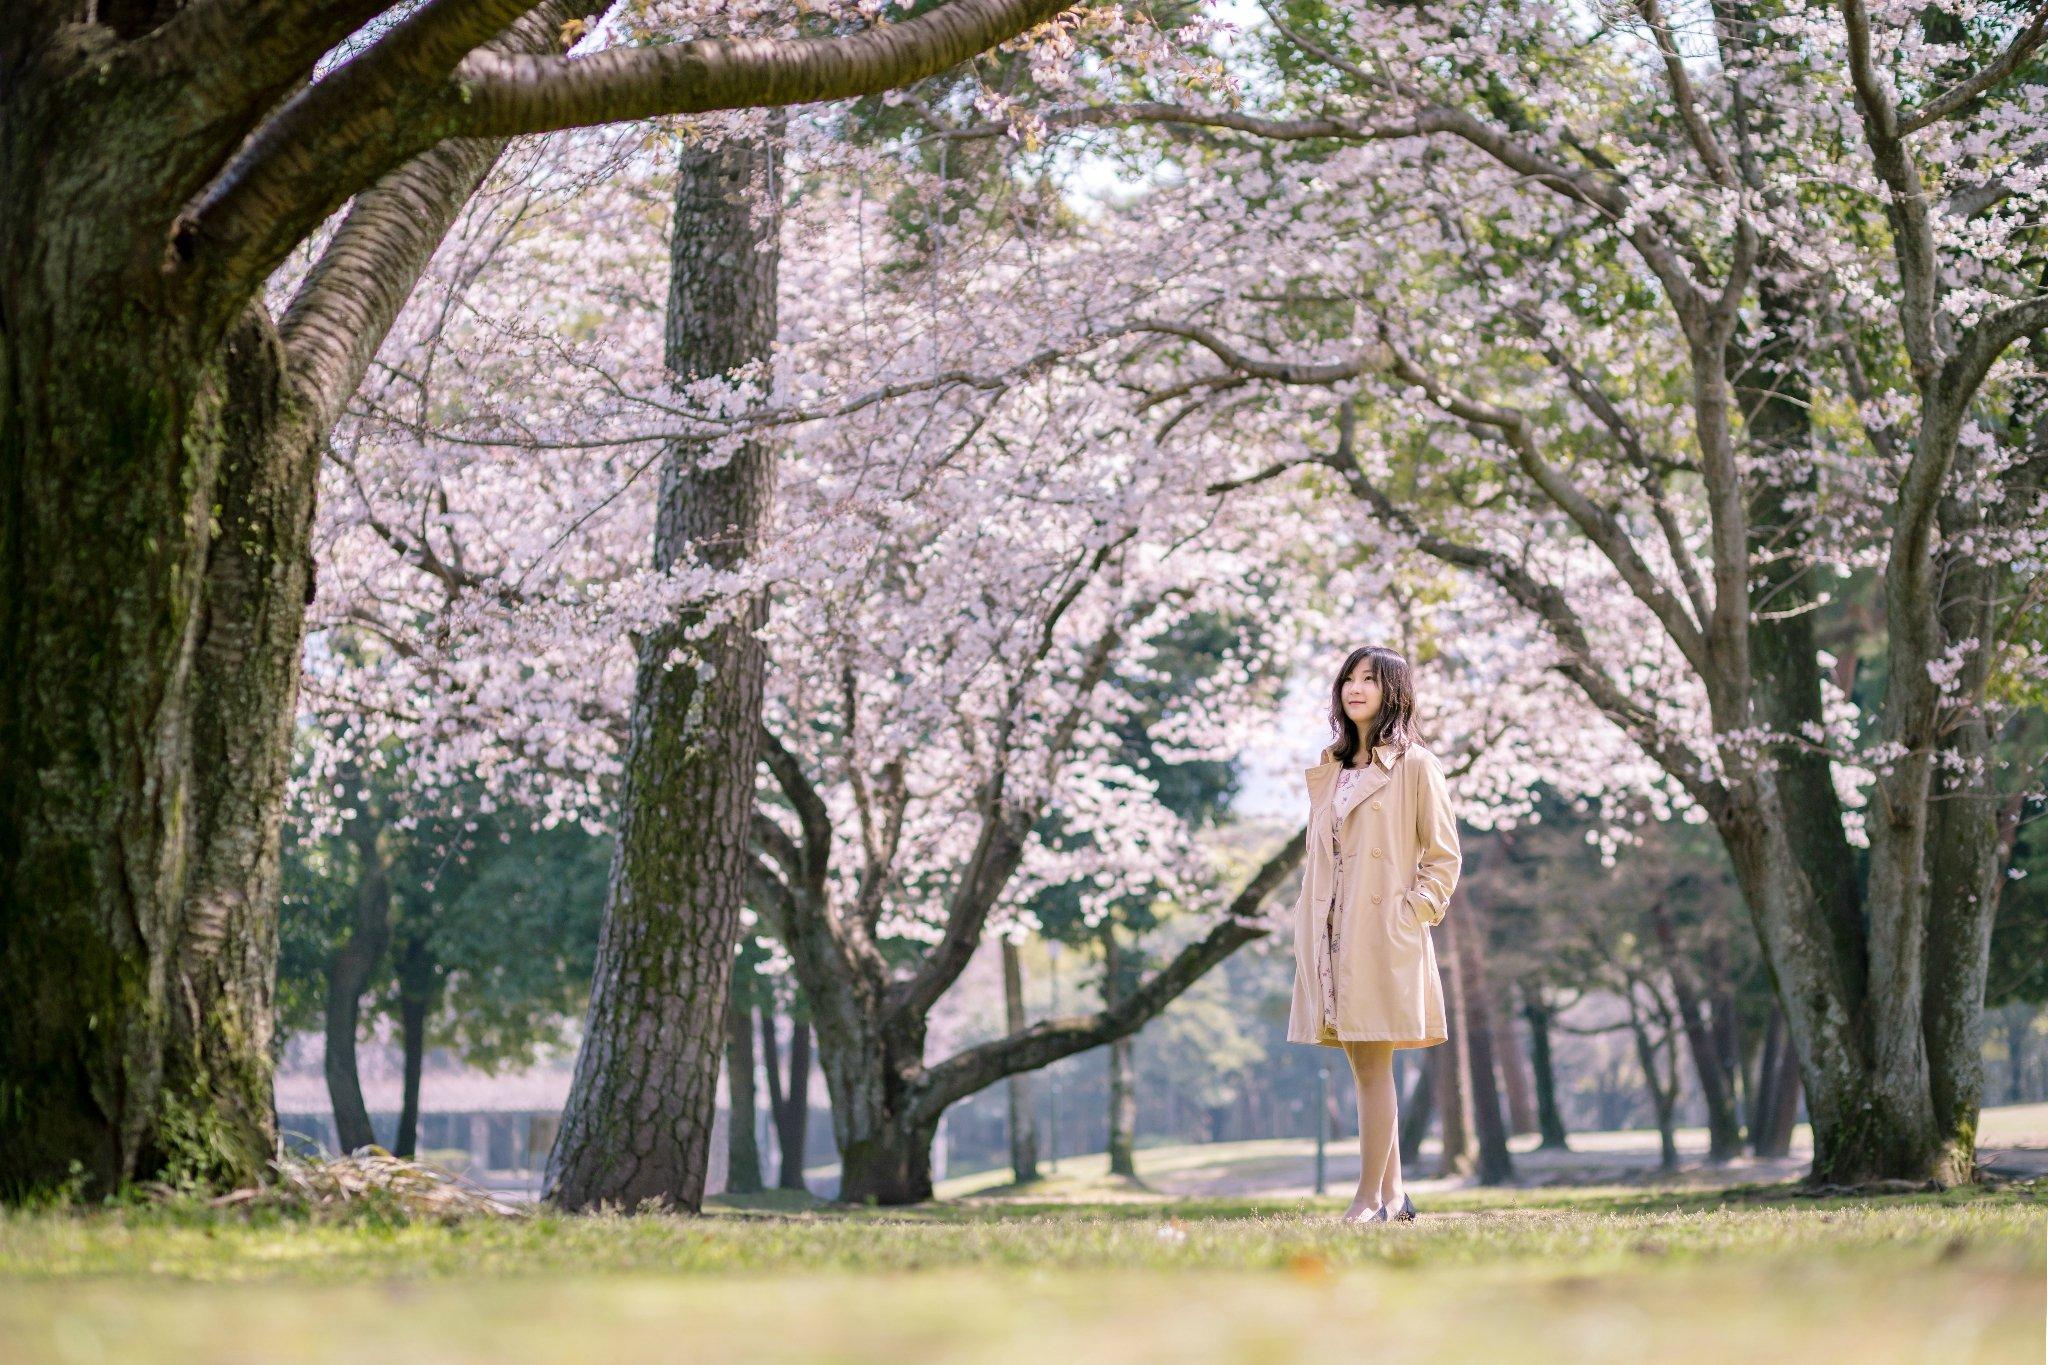 邂逅樱花祭,天海邮轮日本赏樱归来(佐世保,别府自由行赏樱攻略)